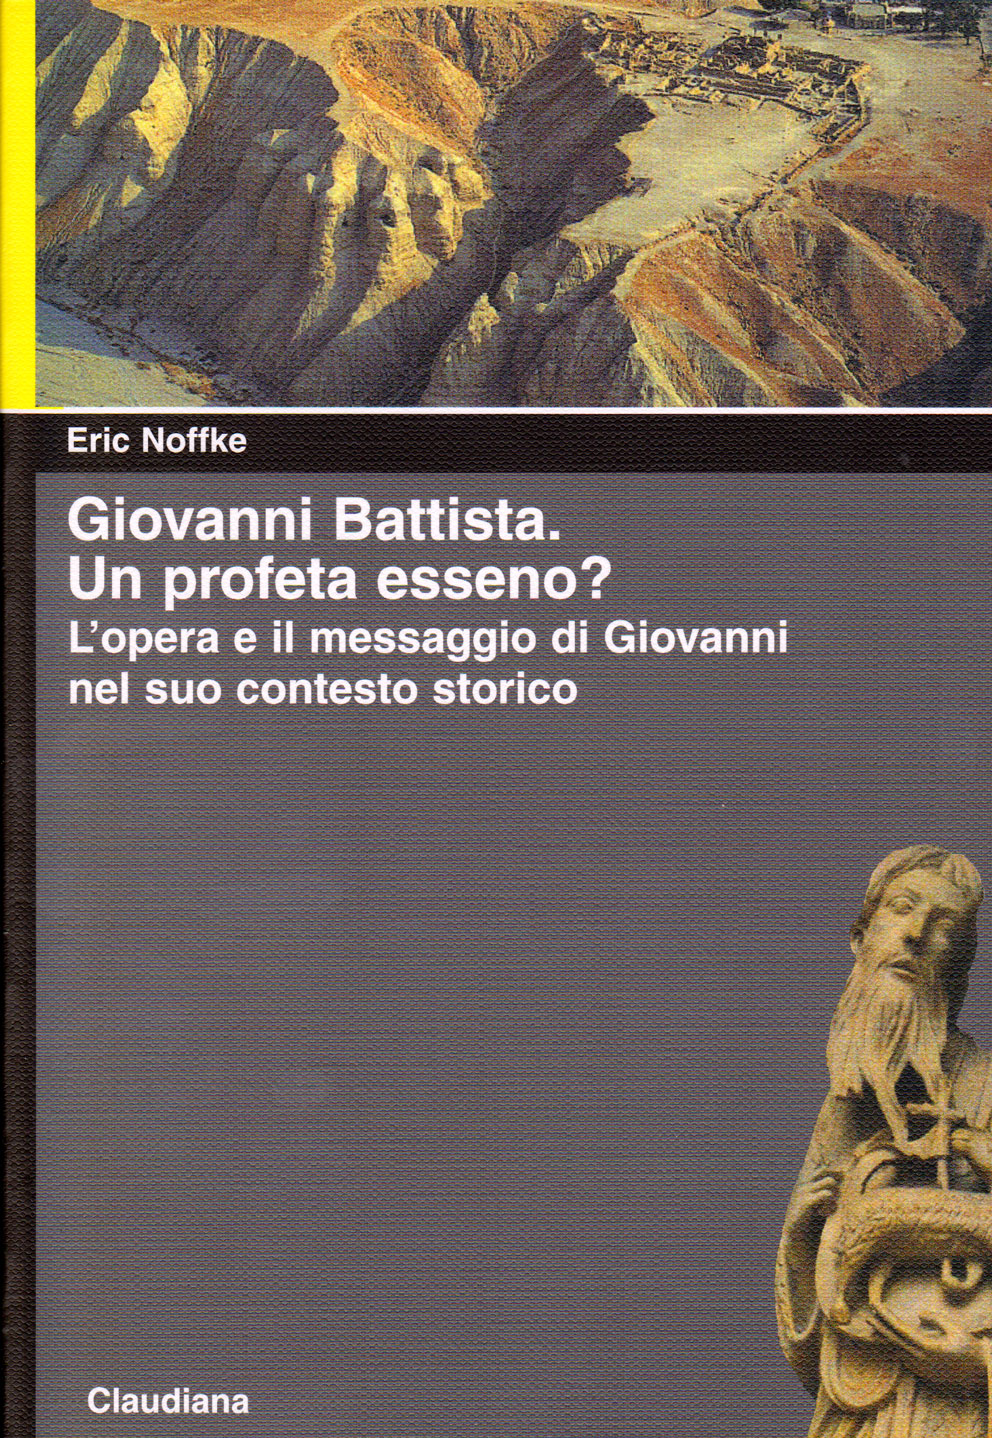 Giovanni Battista - Un profeta esseno?